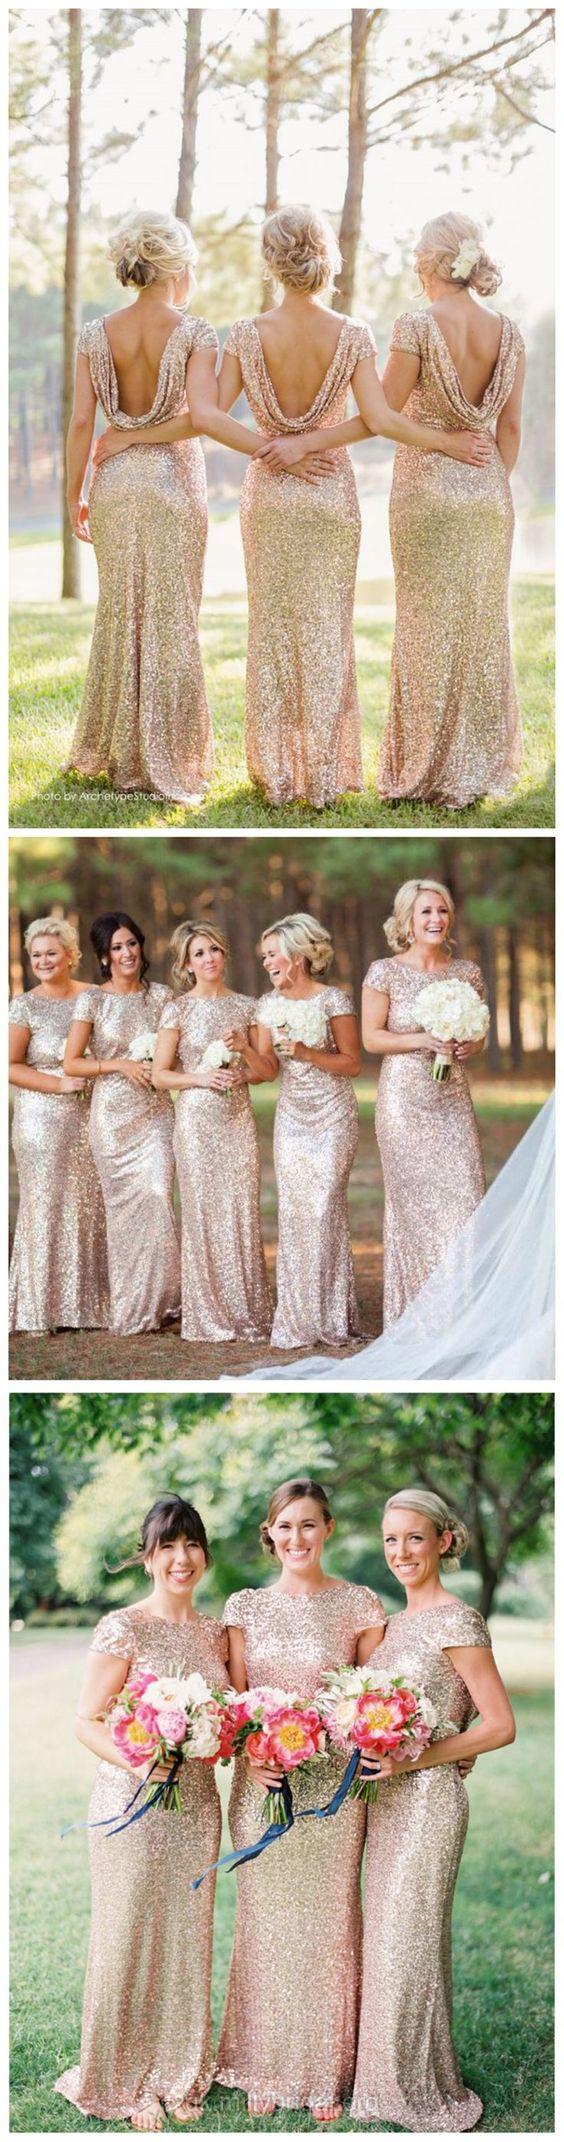 Vestido de casamento MADRINHAS   Long Bridesmaid Dresses Sequined, Short Sleeve Bridesmaid Dresses Backless, Modest Bridesmaid Dresses Unique   #fashion #casamento #marriage #madrinha #vestidos #dress #dresses #wedding #noiva